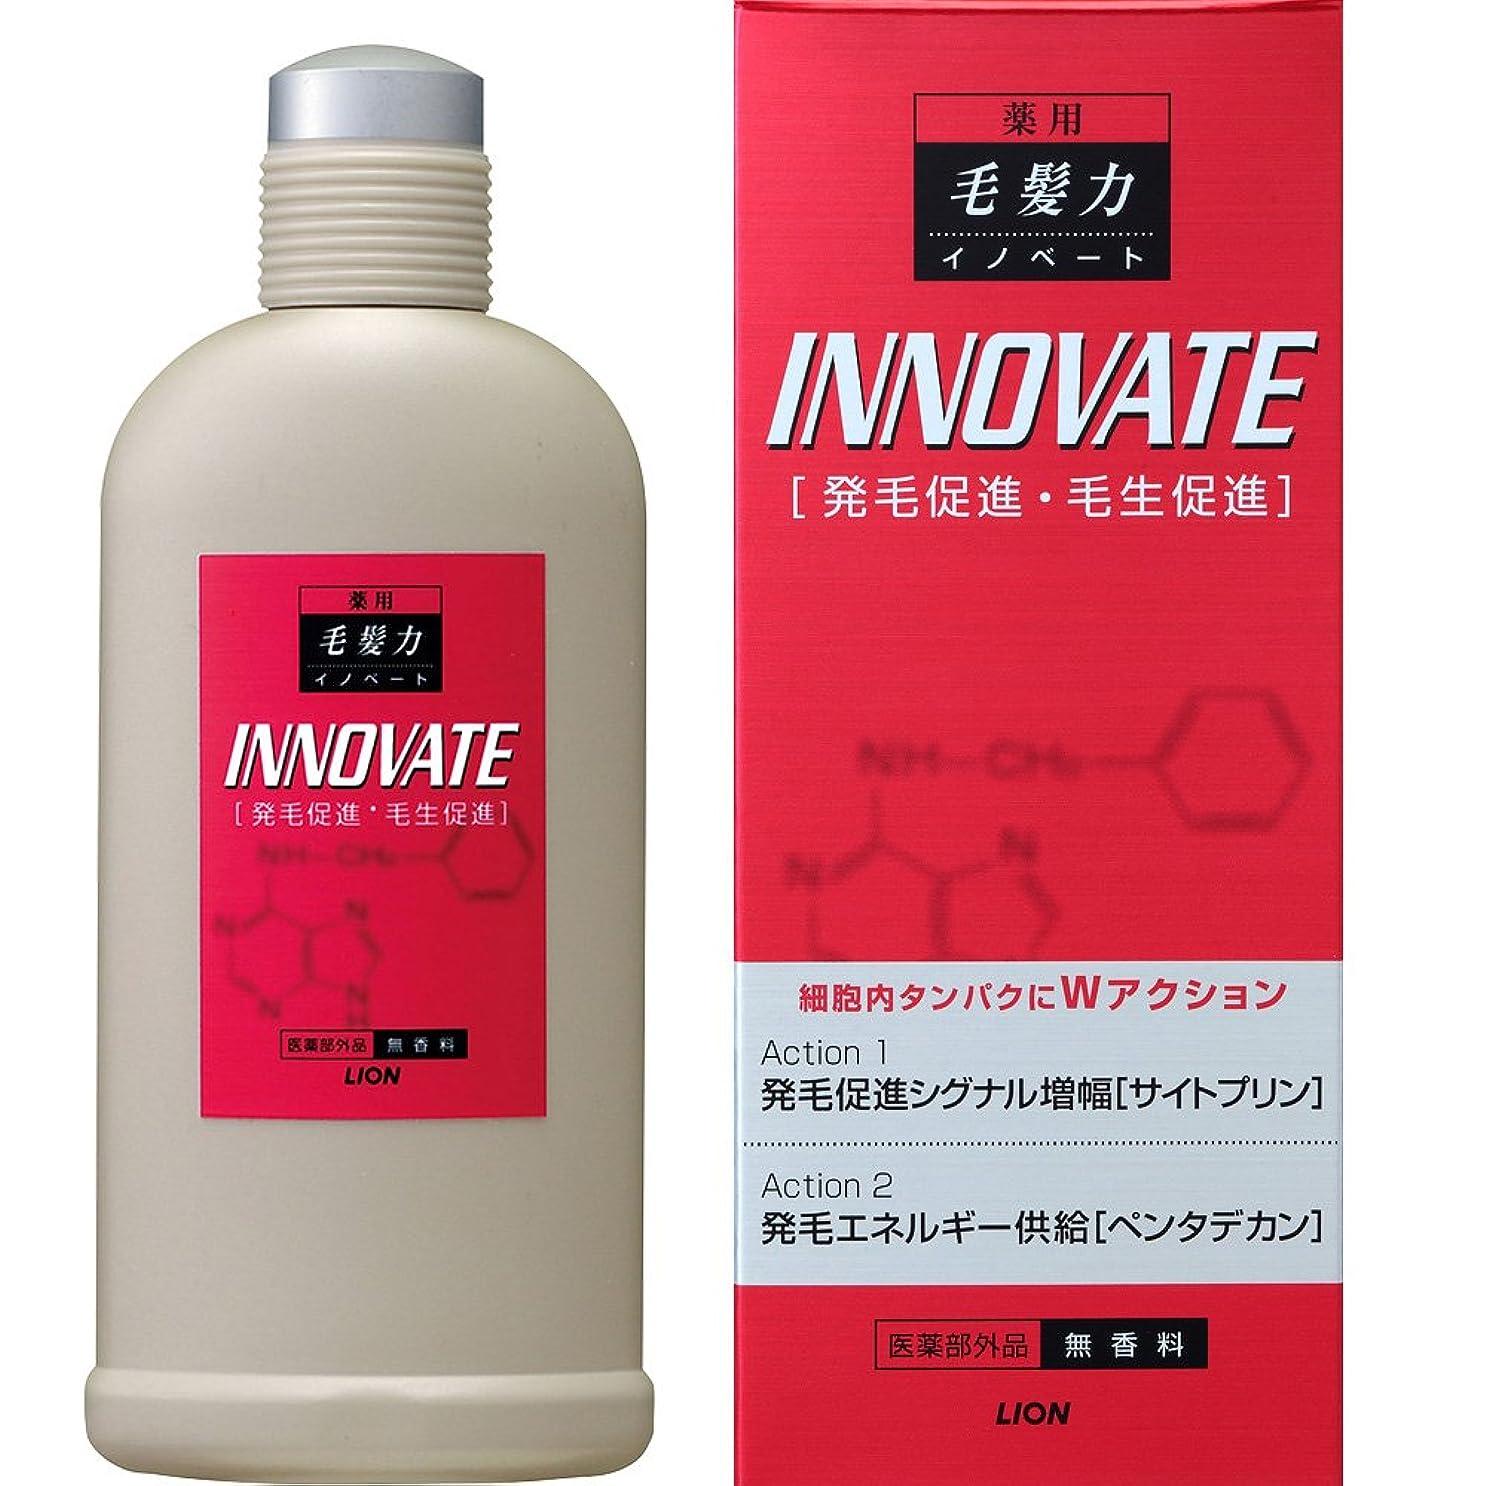 健全電気的分割薬用毛髪力イノベート 育毛剤 200ml(医薬部外品)